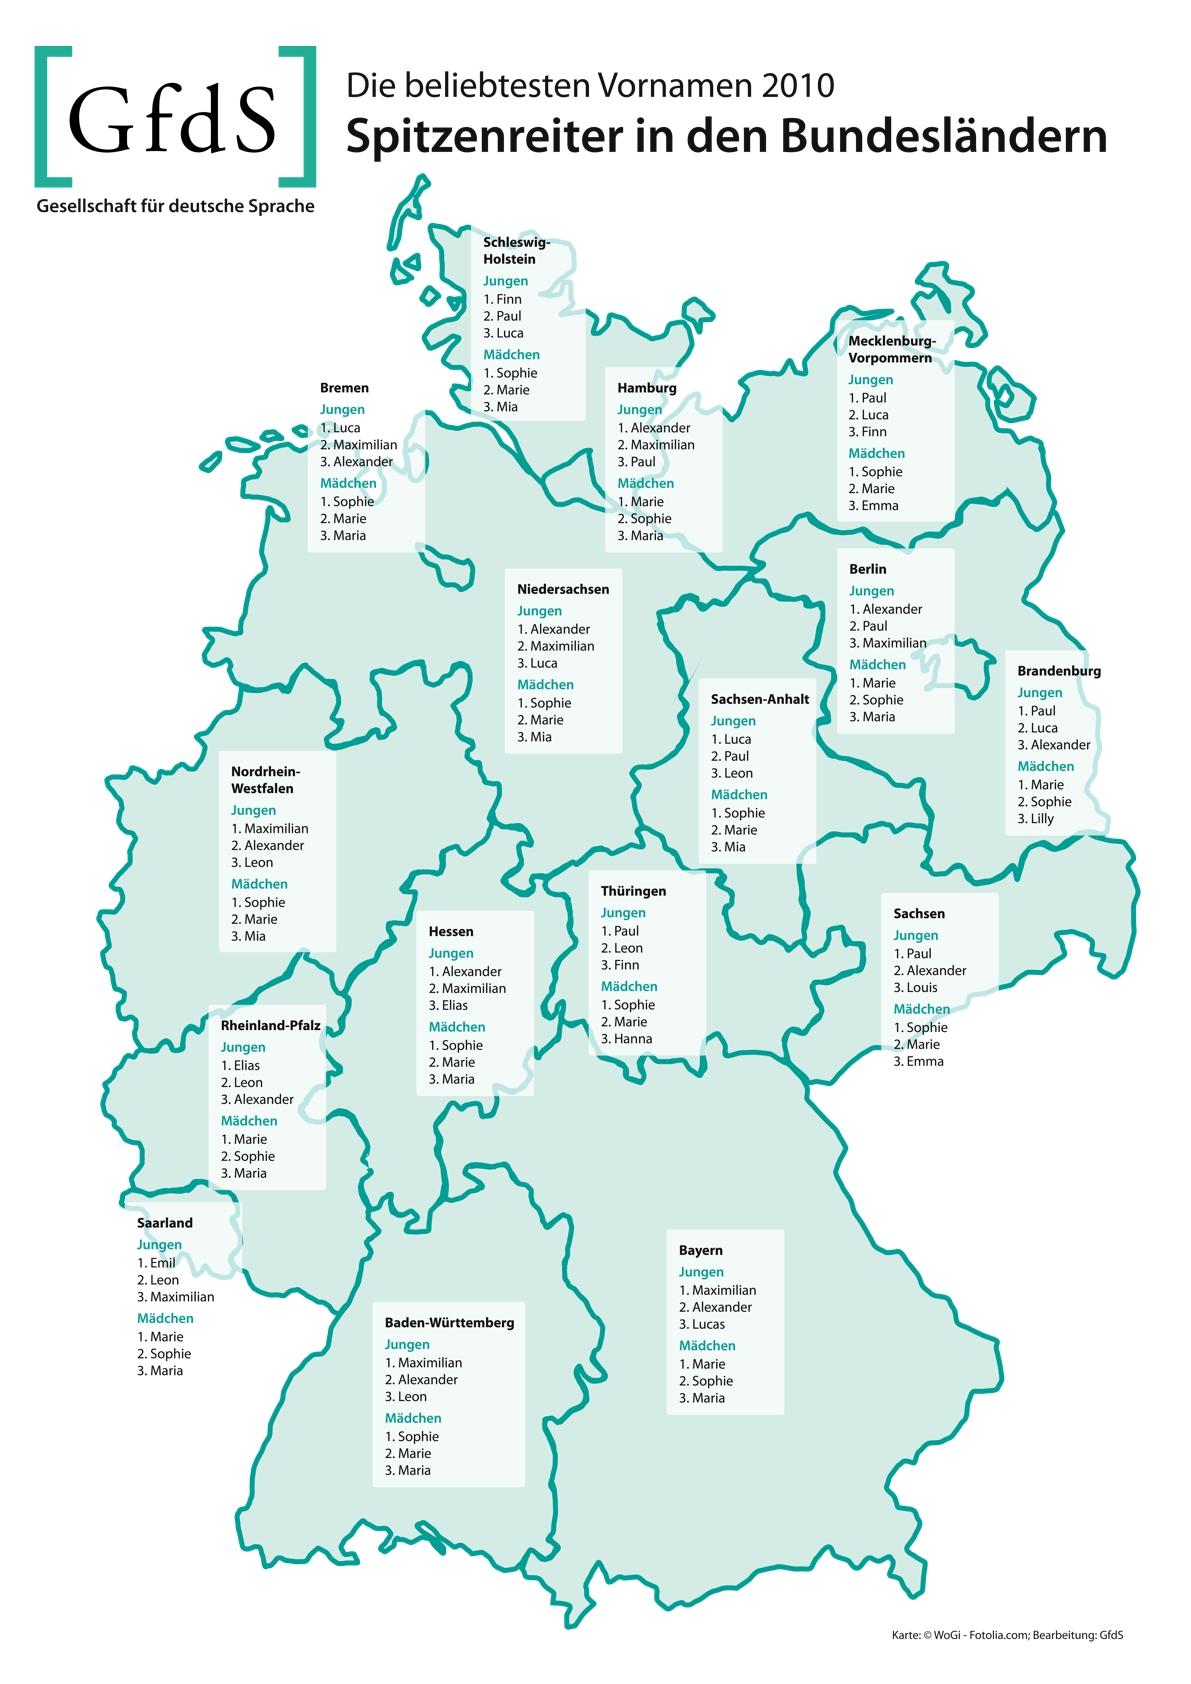 VN 2010: Bundesländer im Vergleich